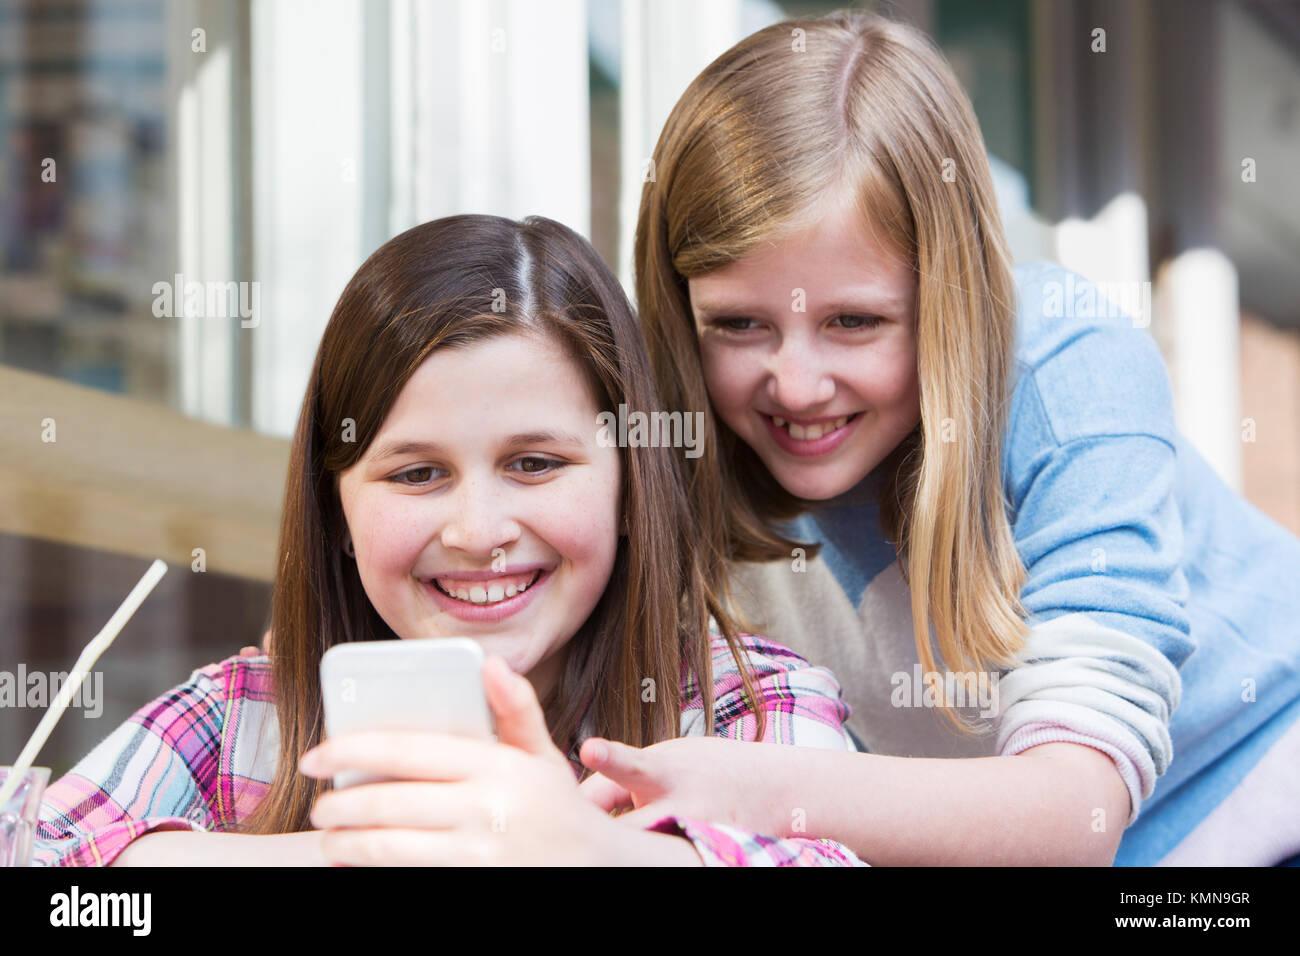 Zwei junge Mädchen im Cafe lesen SMS auf Handy Stockbild